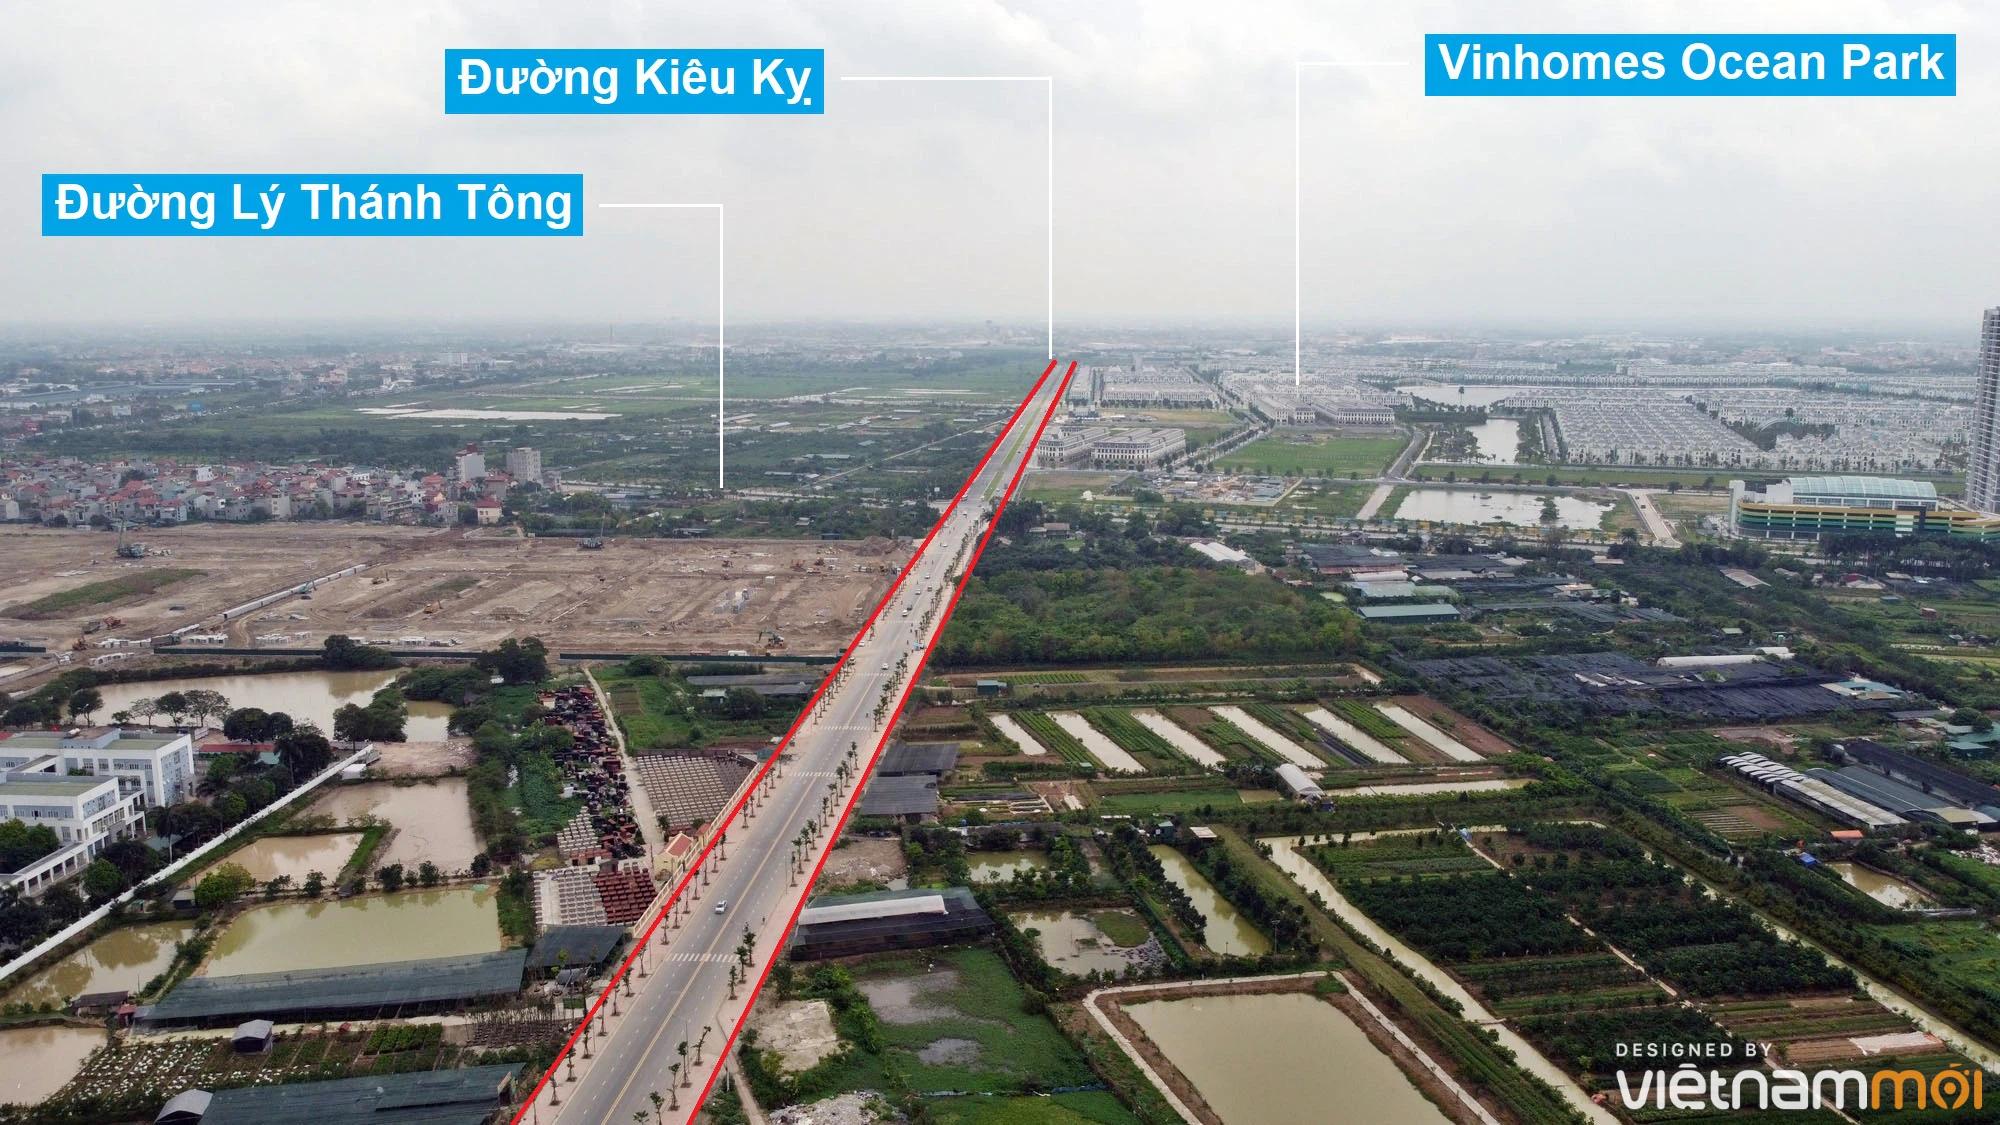 Toàn cảnh đường từ Kiêu Kỵ đến sông Cầu Bây qua Vinhomes Ocean Park đang mở theo quy hoạch ở Hà Nội - Ảnh 2.